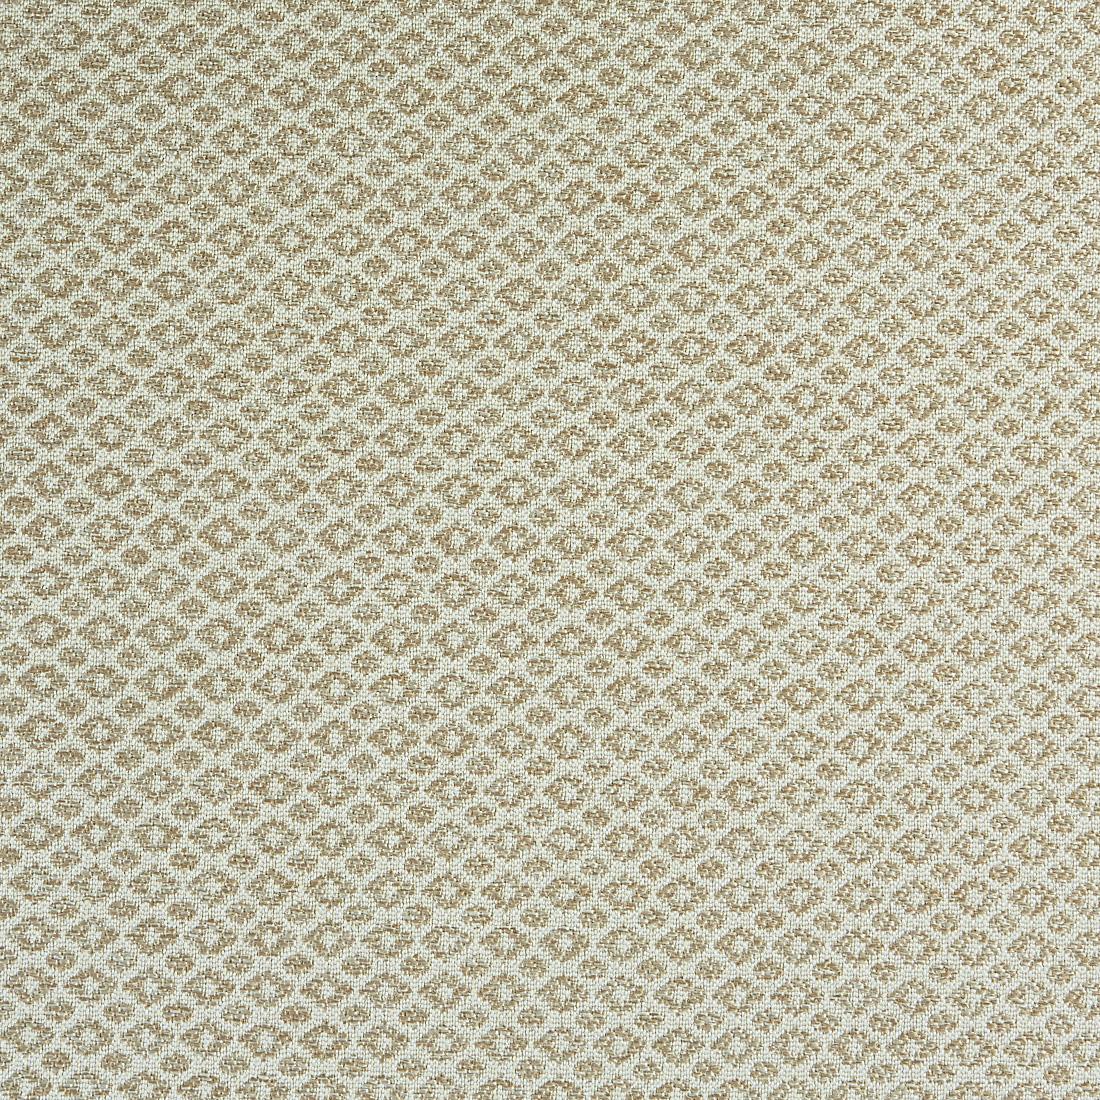 Hardwick Linen Upholstery Fabric